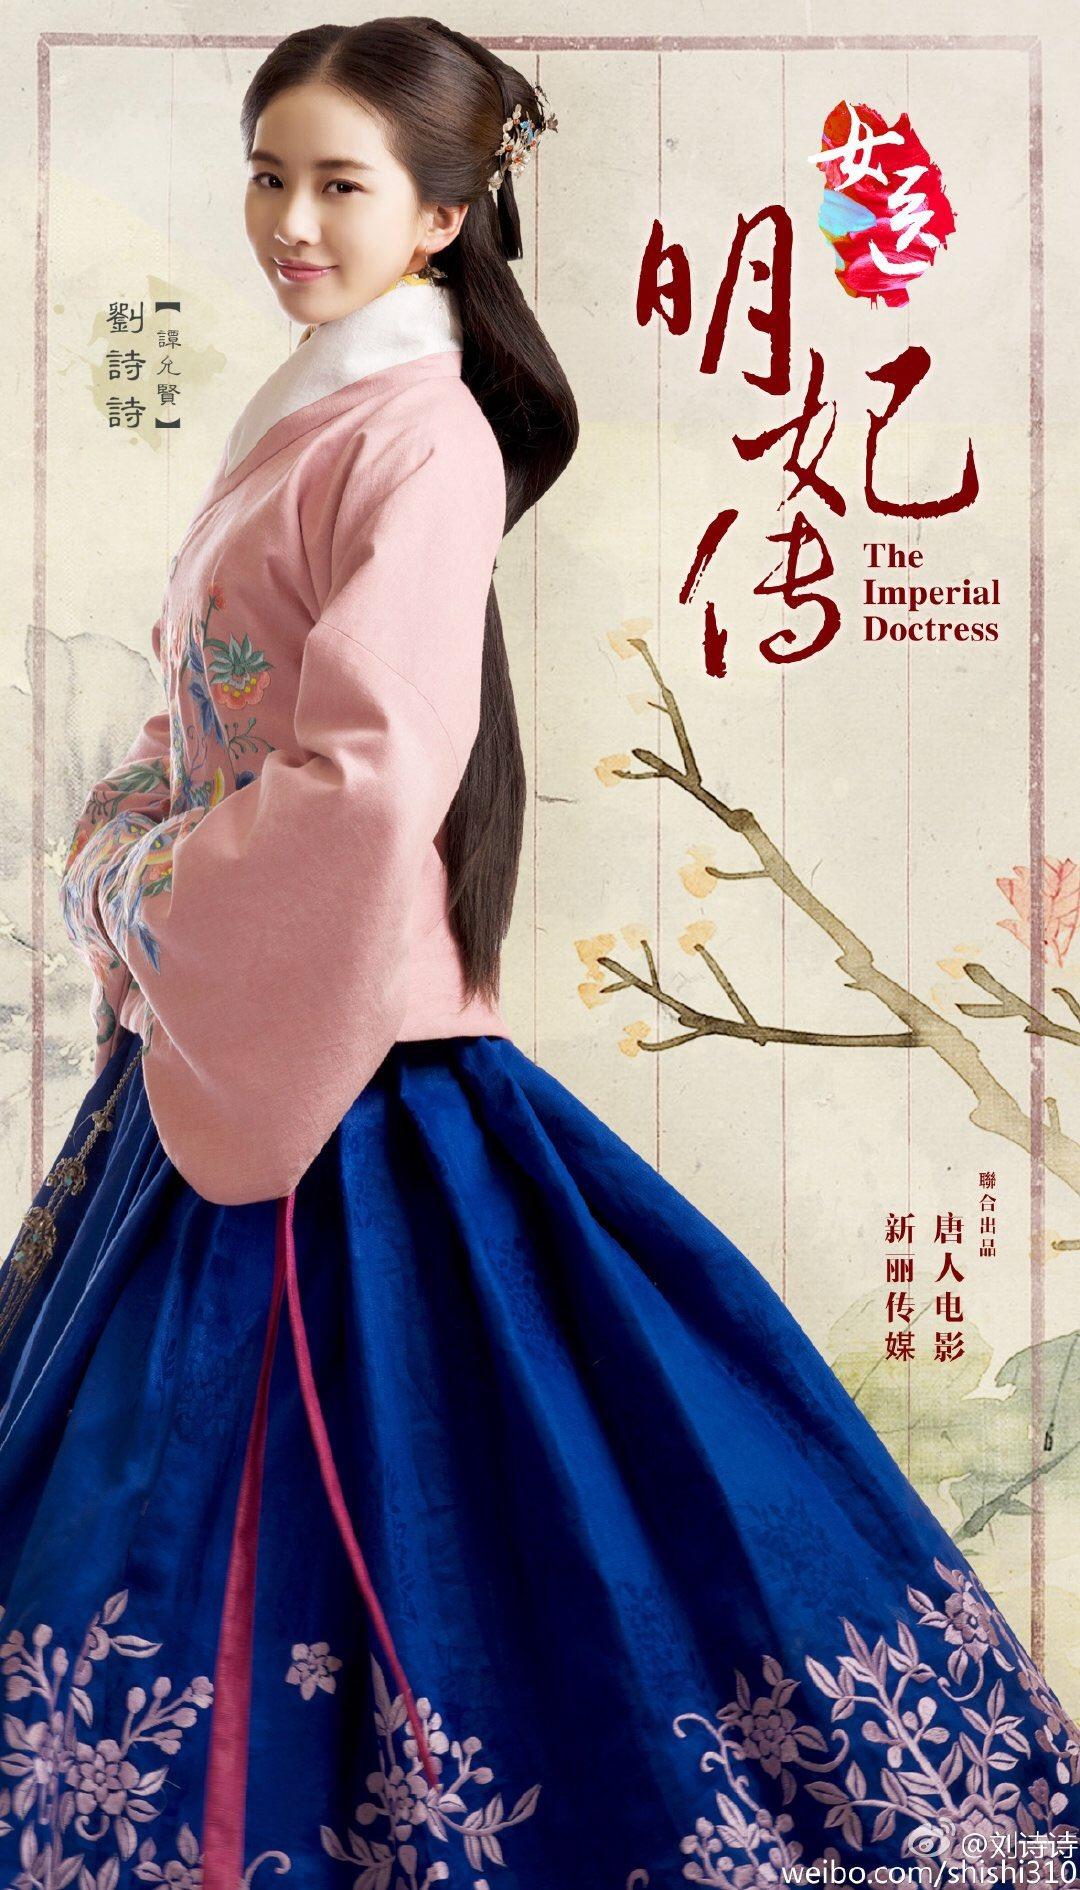 當代中國-中國旅遊-中國文化-漢服-E-漢服香港-8